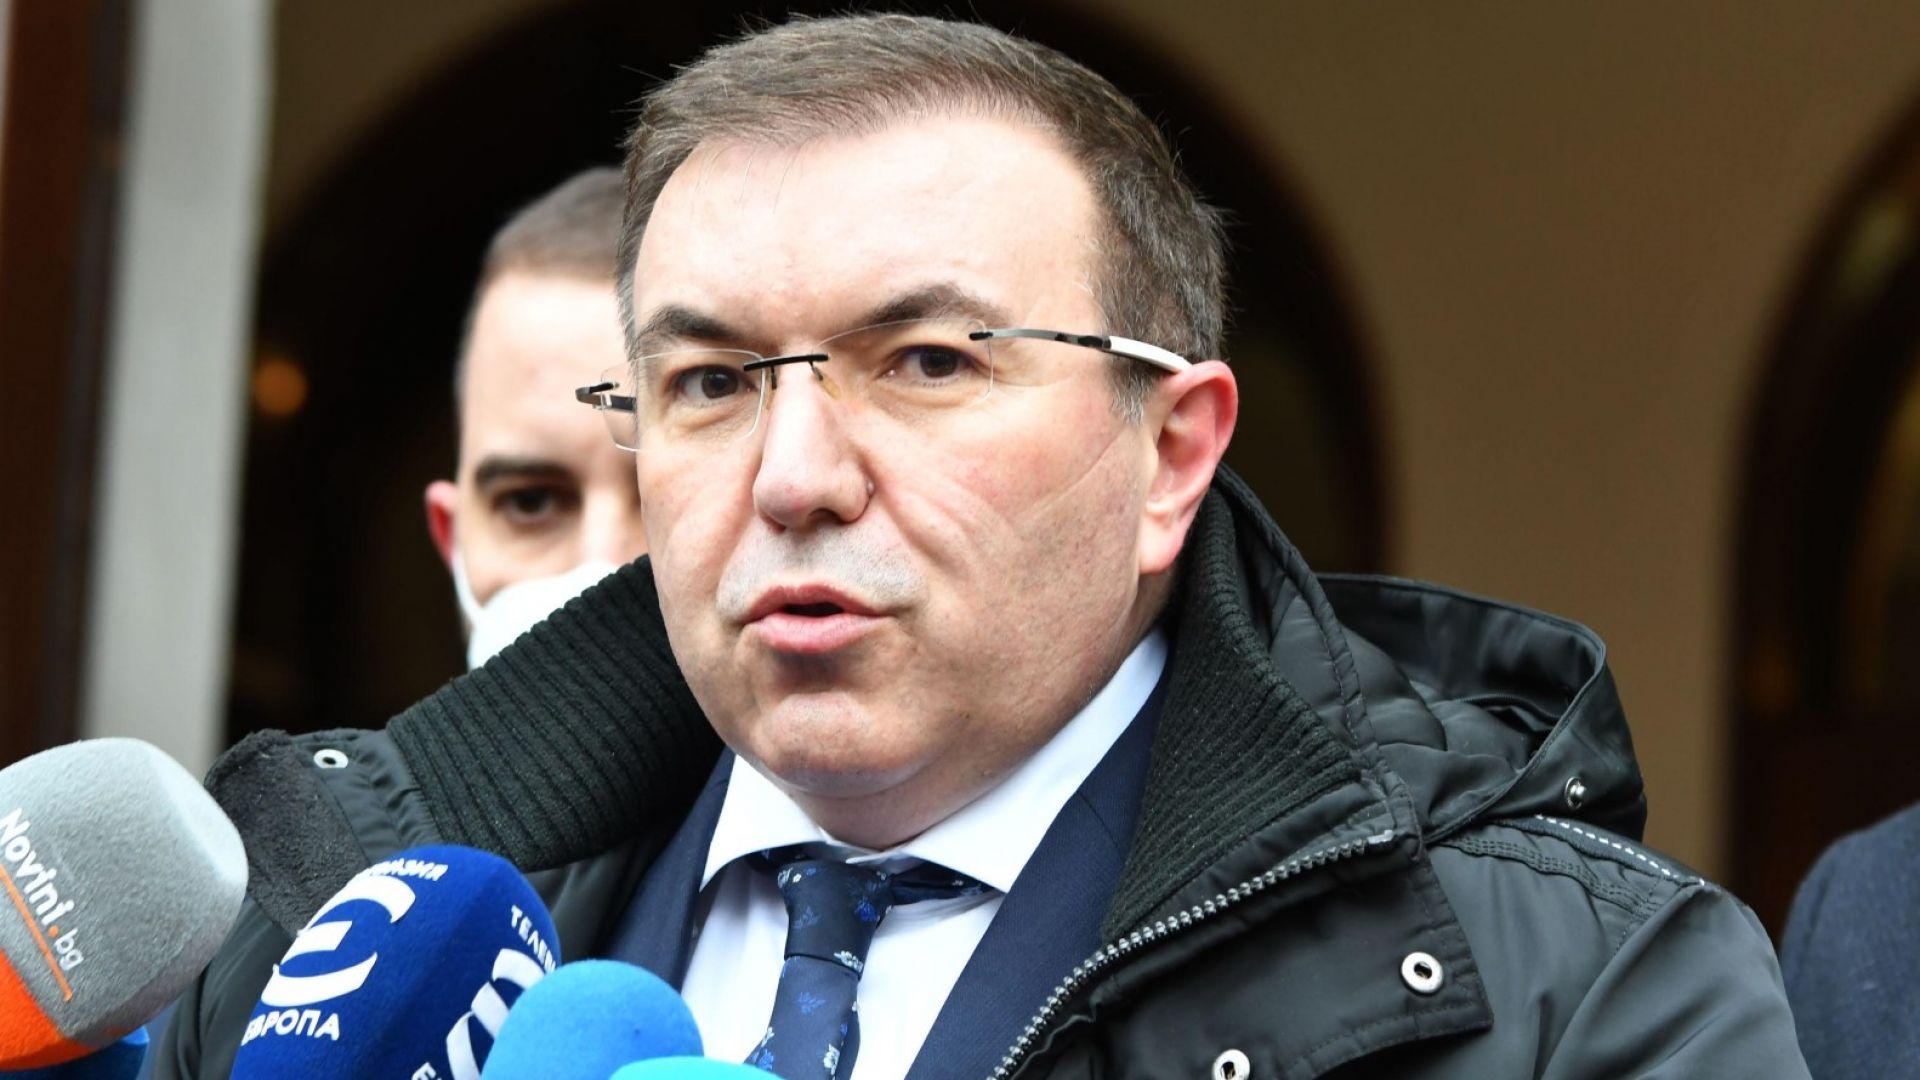 Здравният министър потвърди, че синът на президента е бил на парти, спряно от полицията